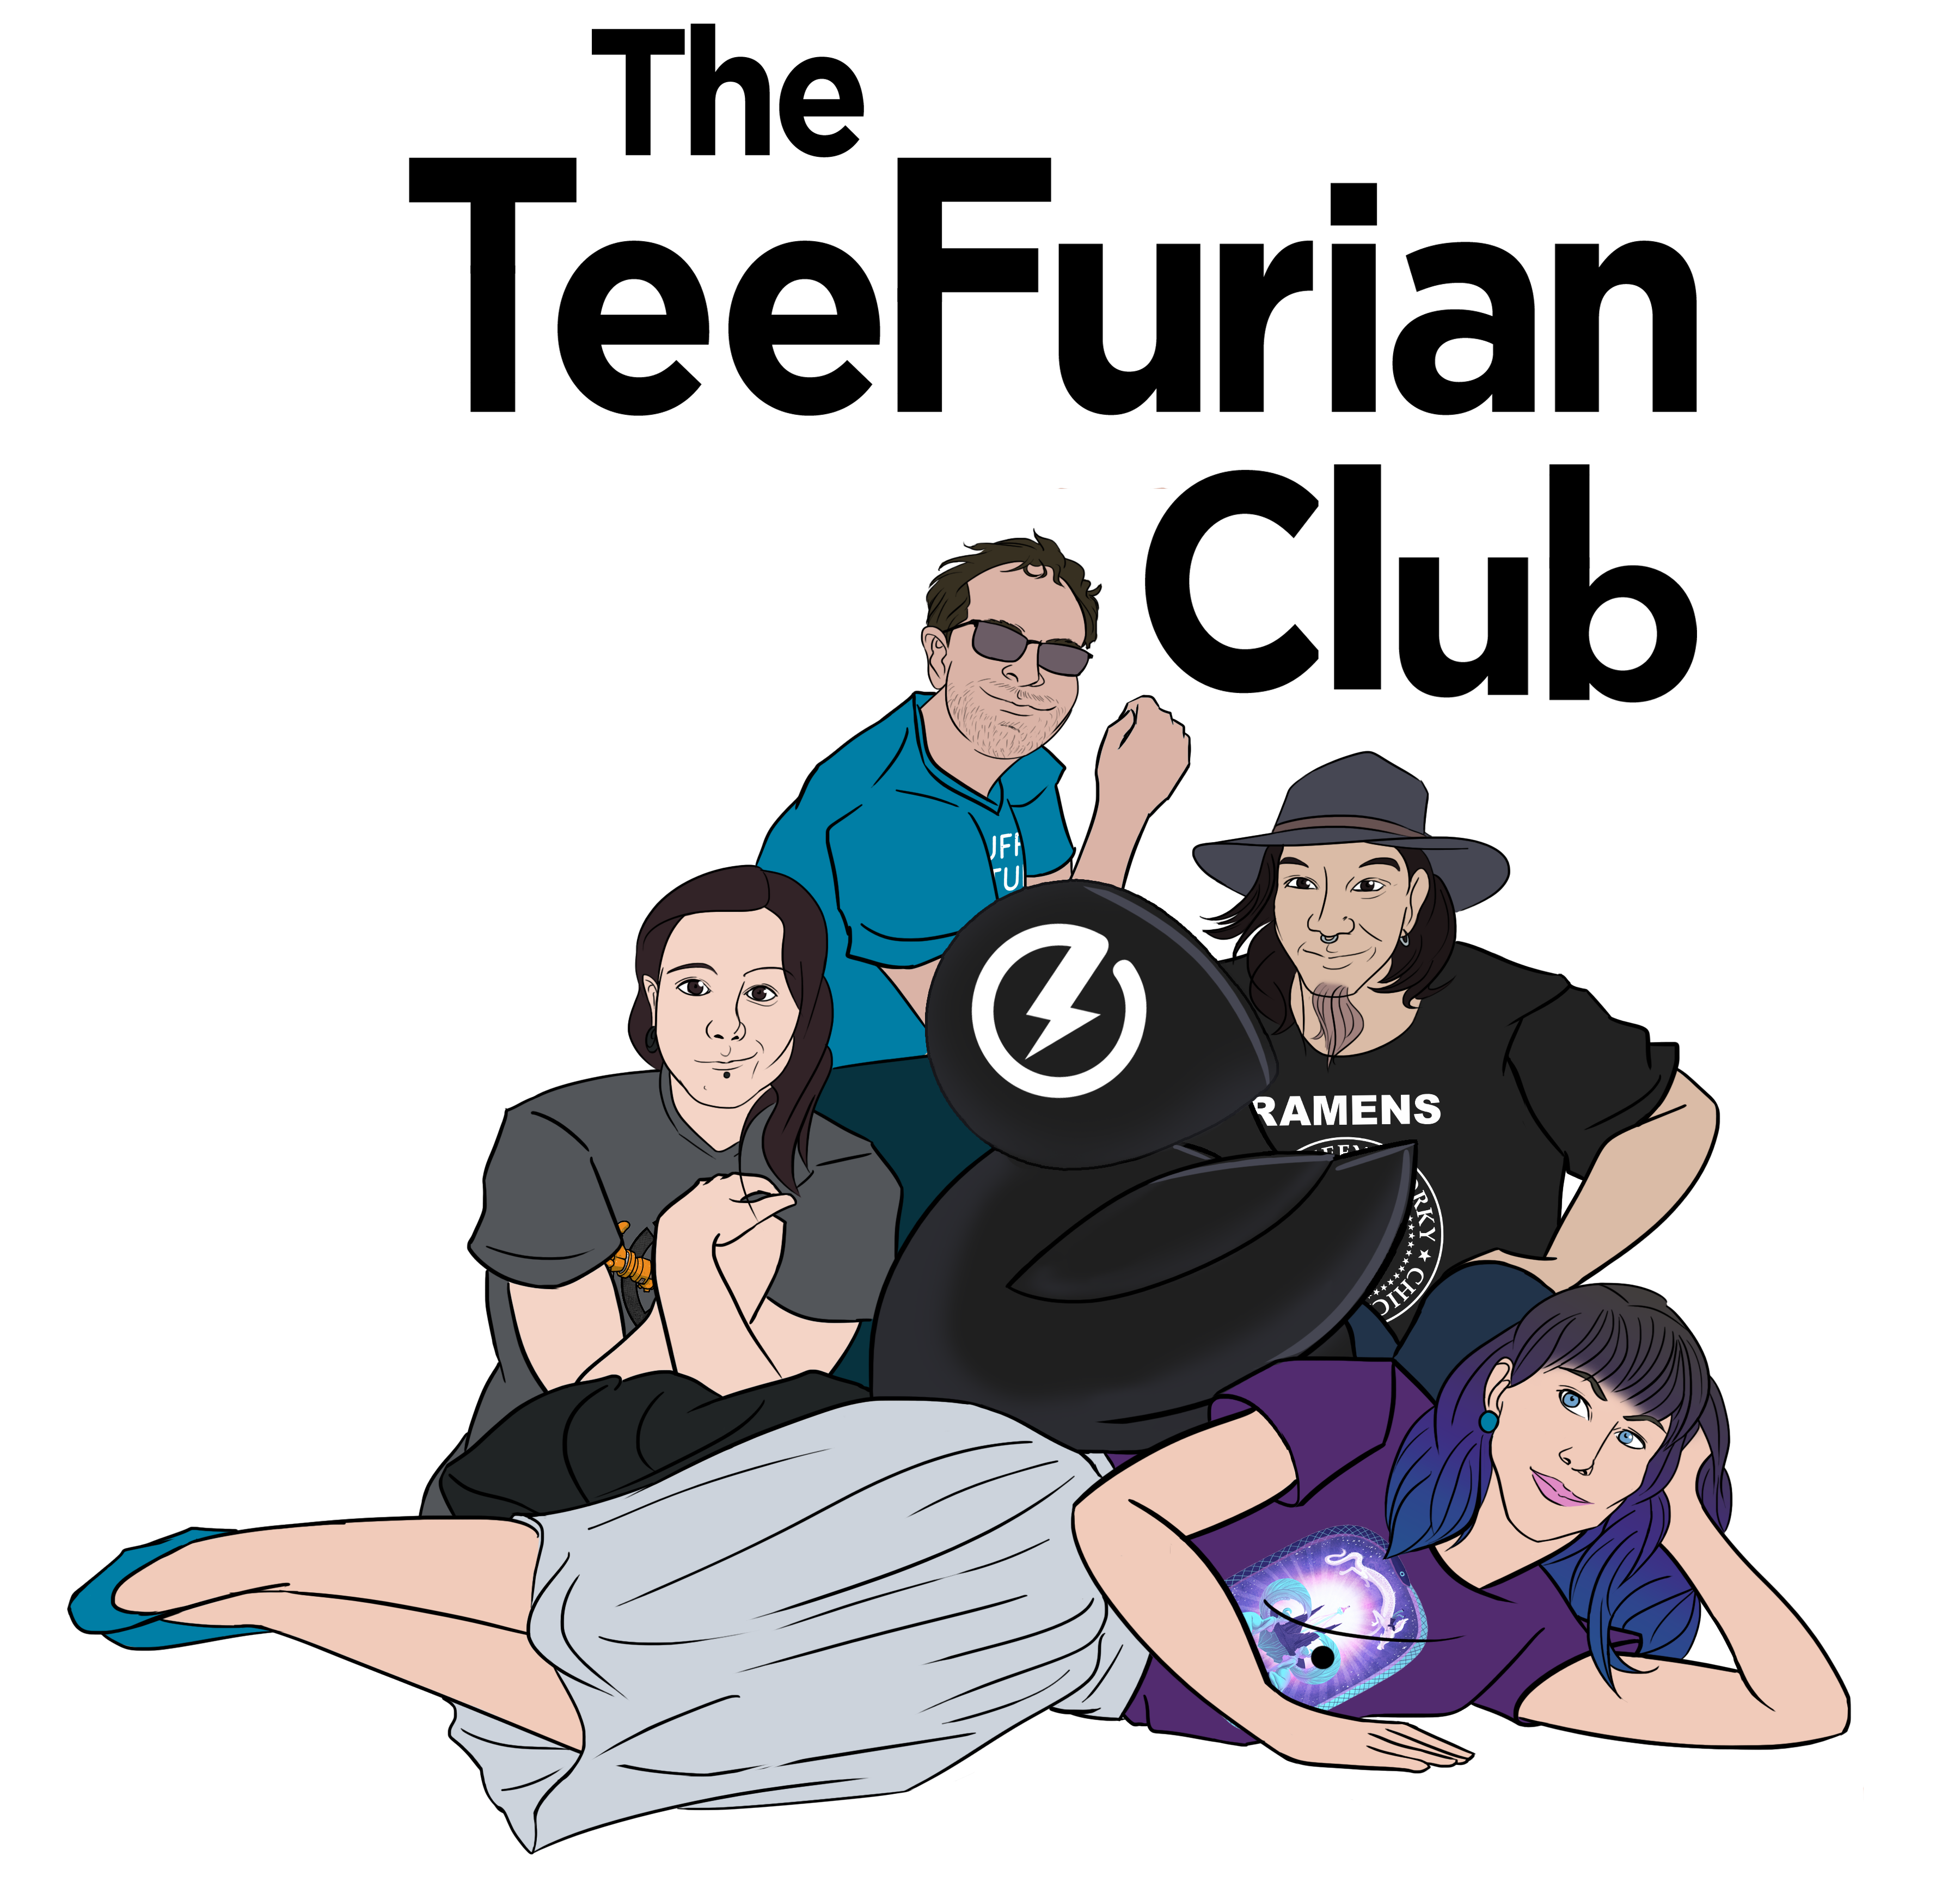 TeeFurianClub